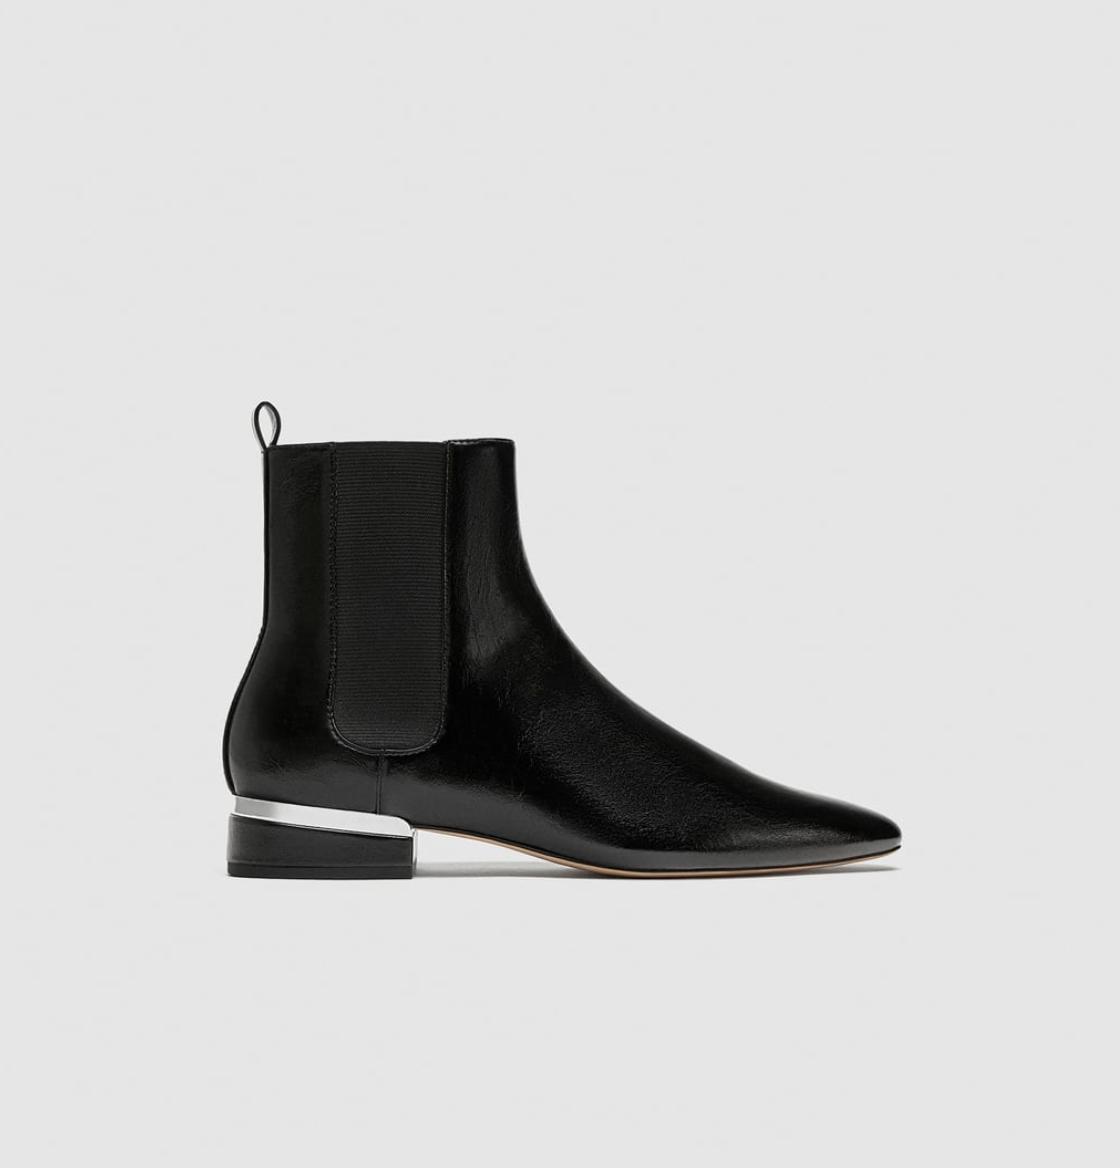 Zara Elasticated Flat Ankle Boot  $69.95